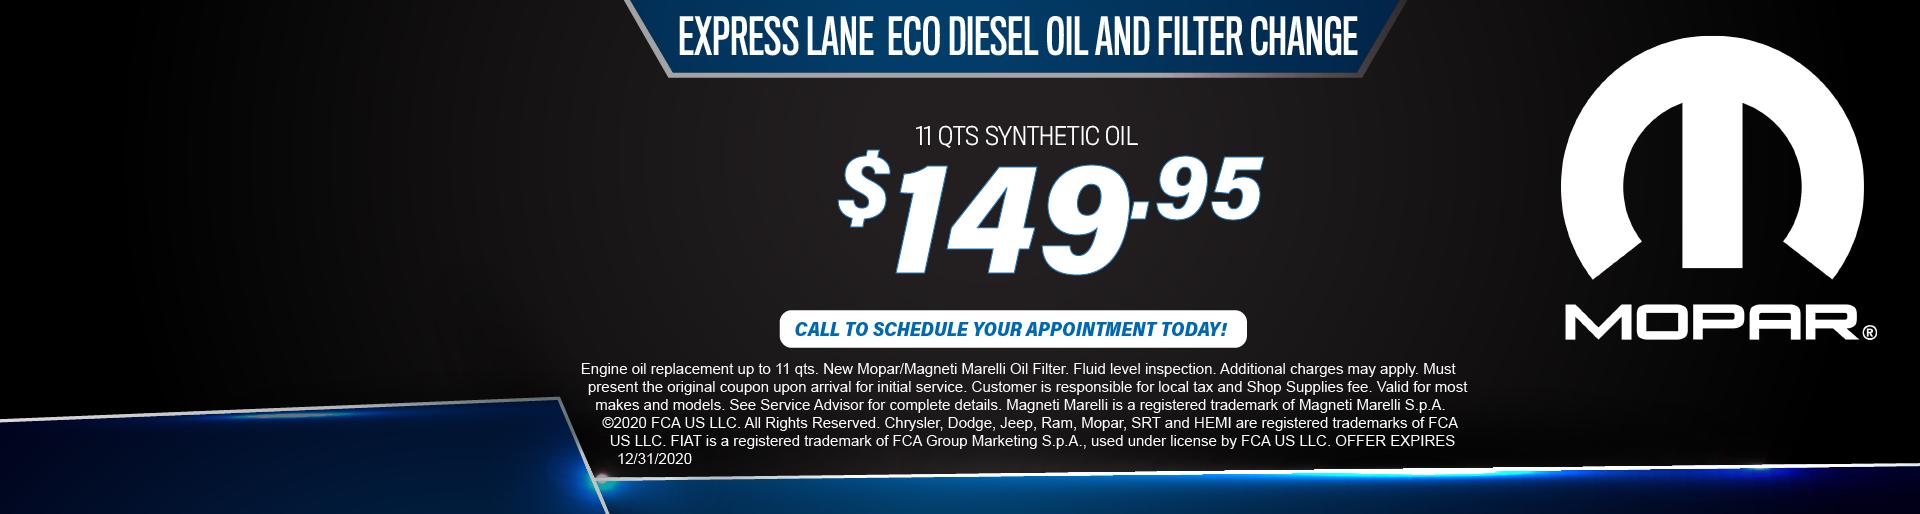 Burnsville – Oil Change Coupon September